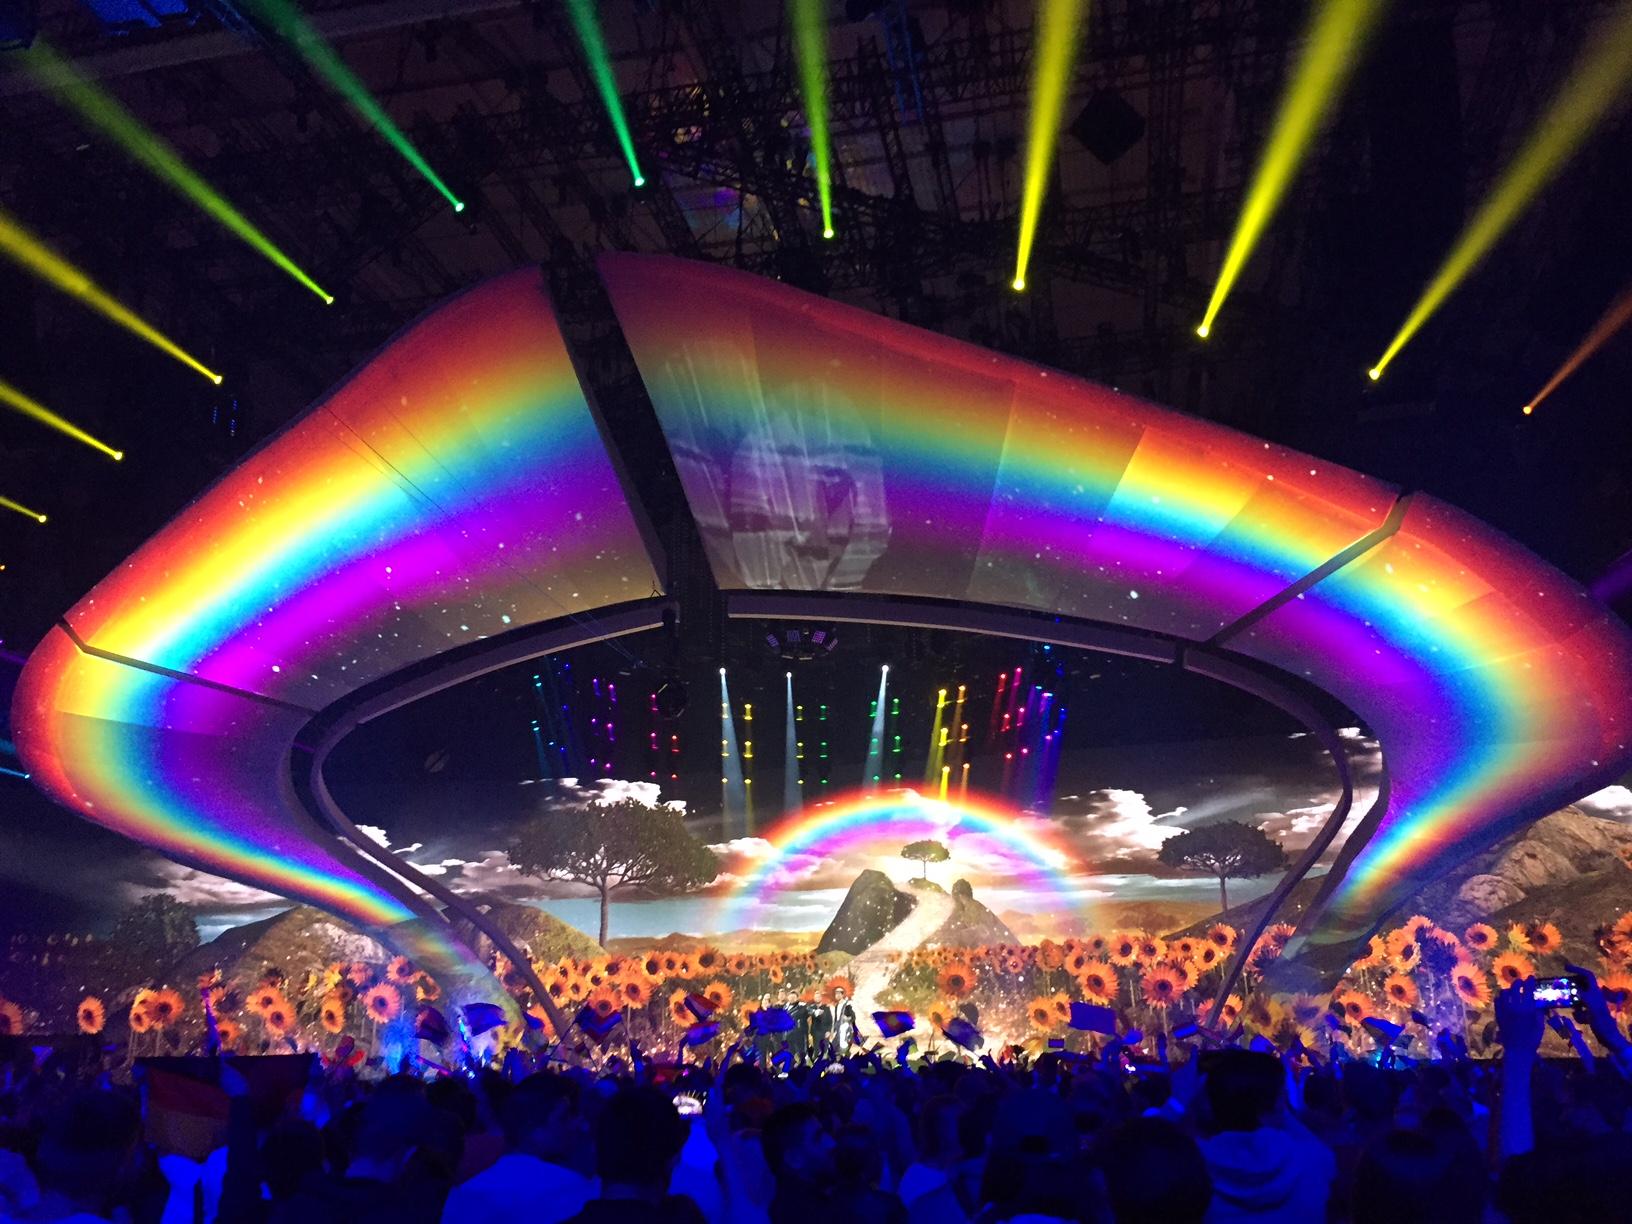 Eurovision 2017: Votre fiche de vote pour la deuxième demi-finale!